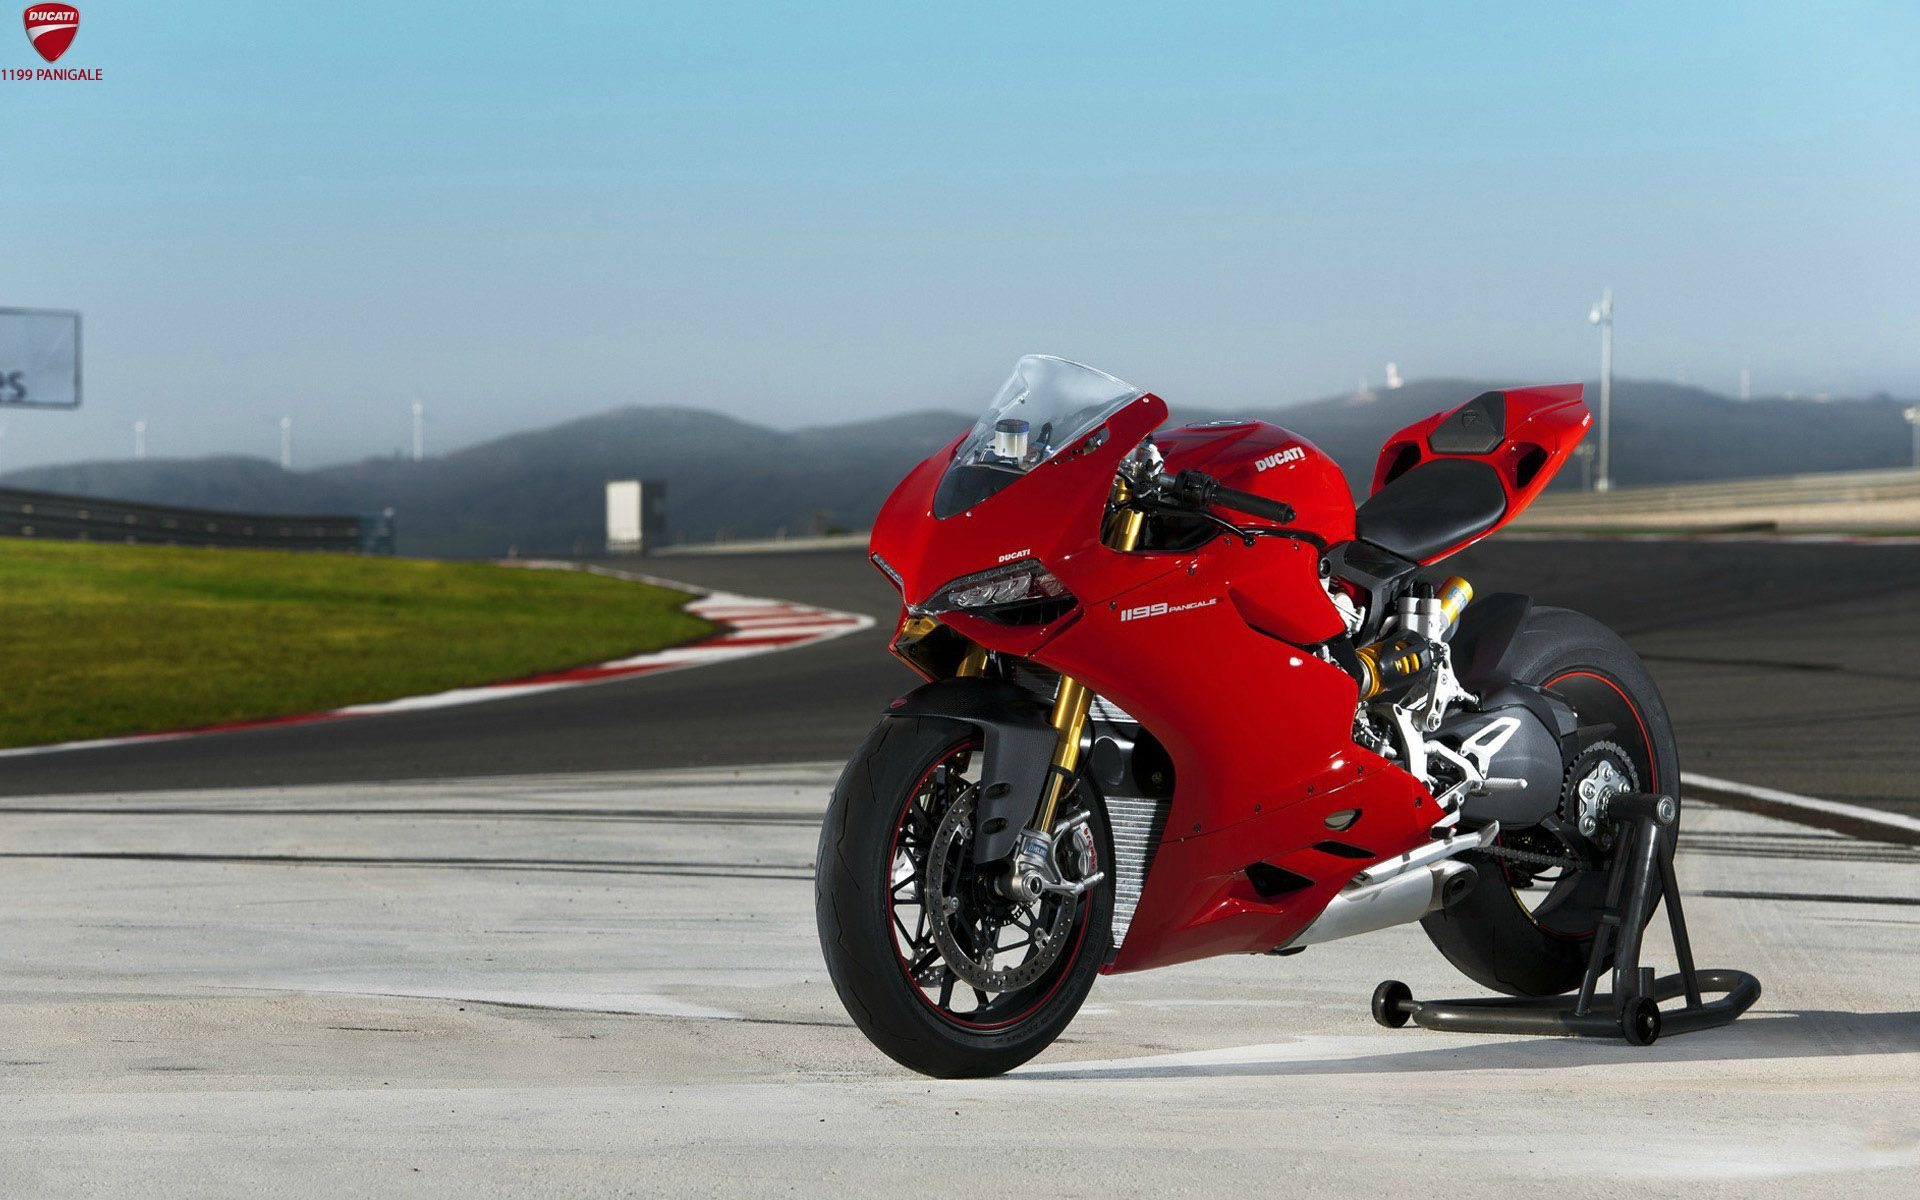 Ducati Panigale Hd Pics Moto Pinterest Ducati Ducati 1199